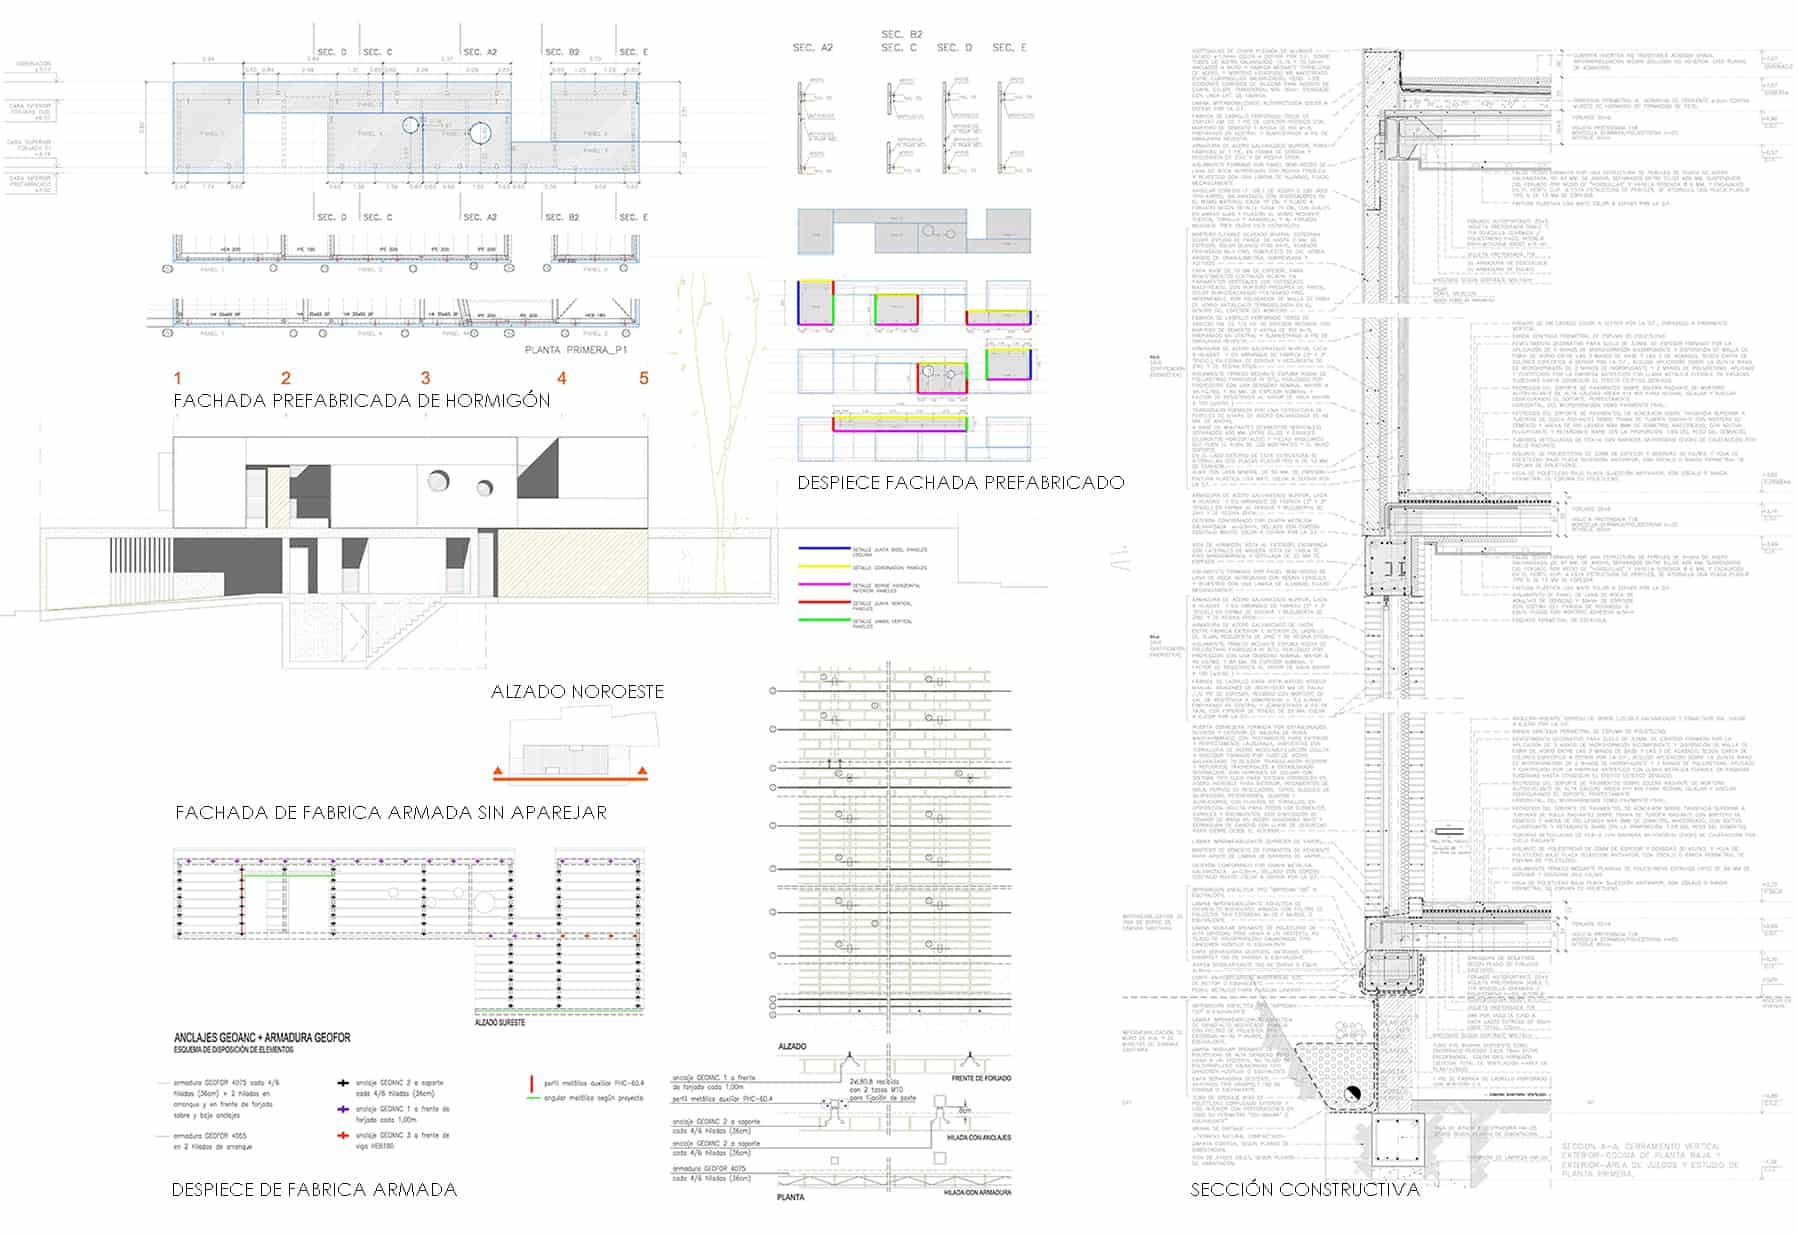 Vivienda_IA - construcción - hormigon arquitectónico y fabricas de ladrillo - LANDINEZ+REY | equipo L2G arquitectos, slp [ eL2Gaa ]